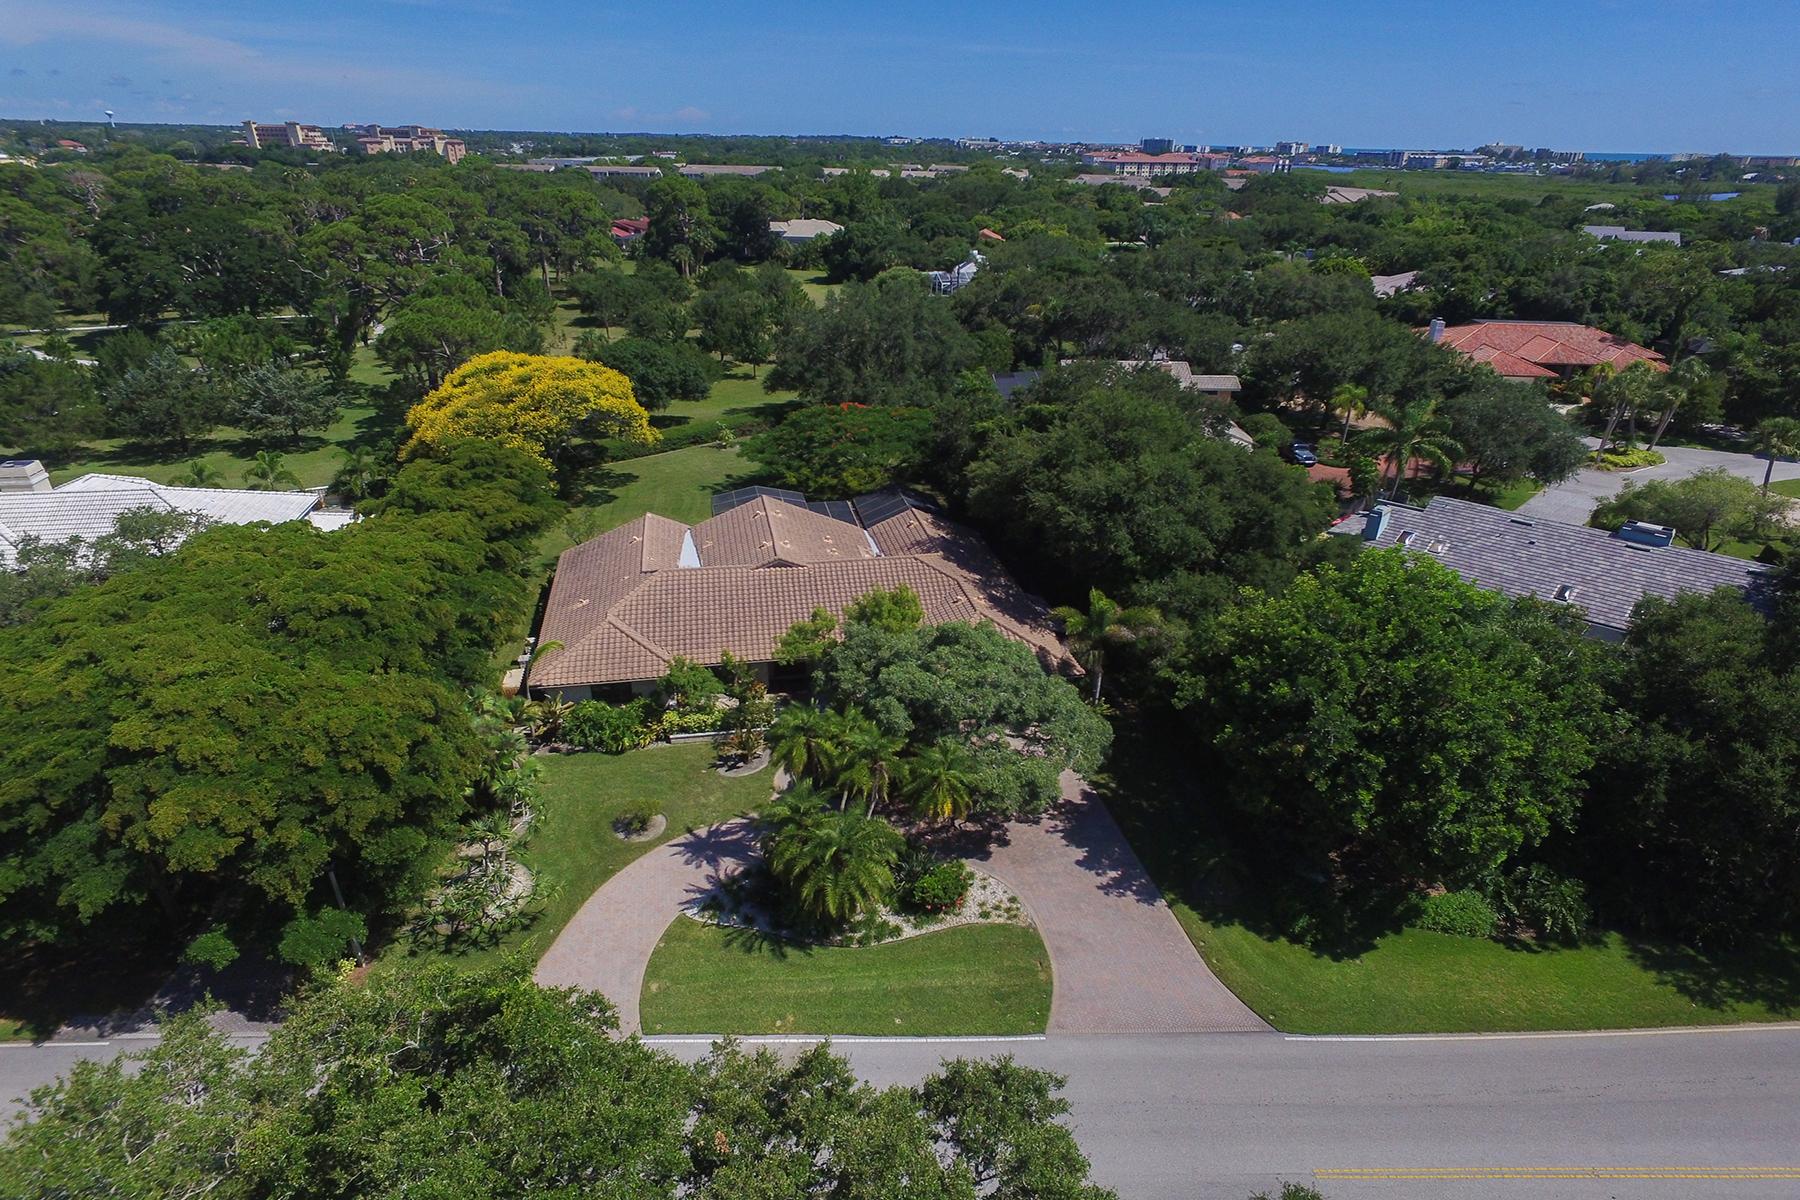 Maison unifamiliale pour l Vente à THE LANDINGS 1650 Landings Blvd Sarasota, Florida, 34231 États-Unis